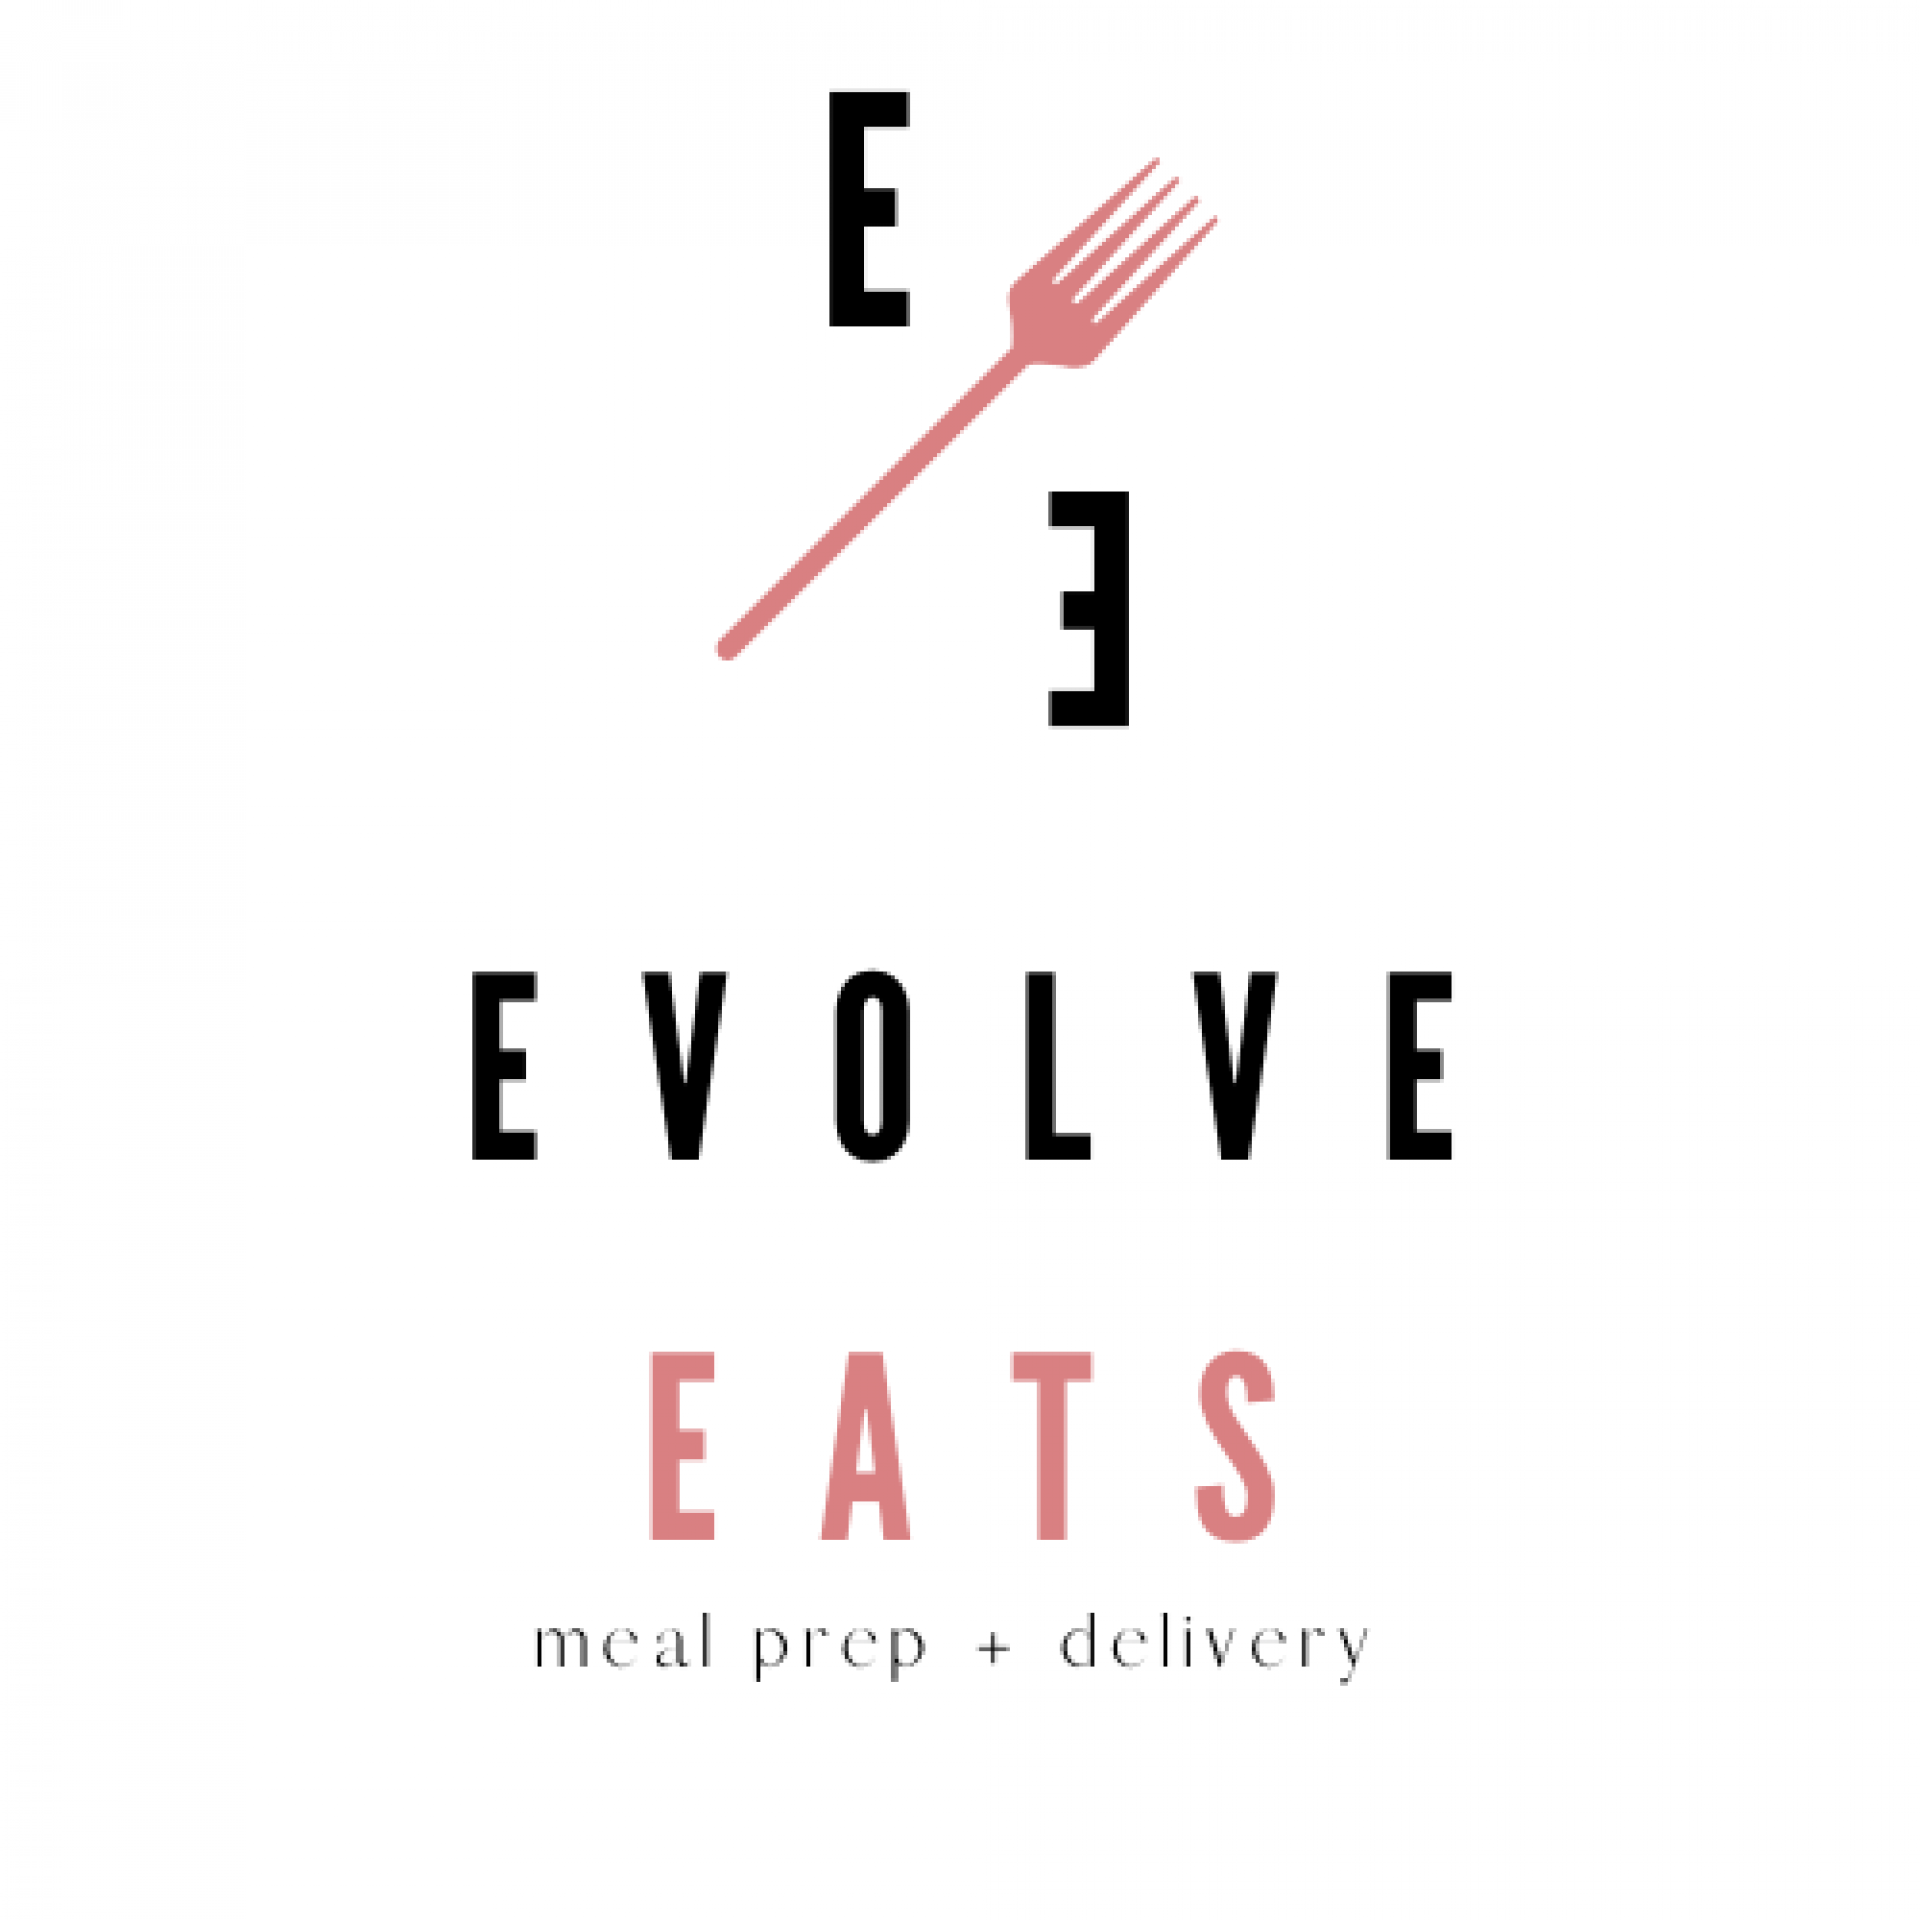 Evolve Eats logo